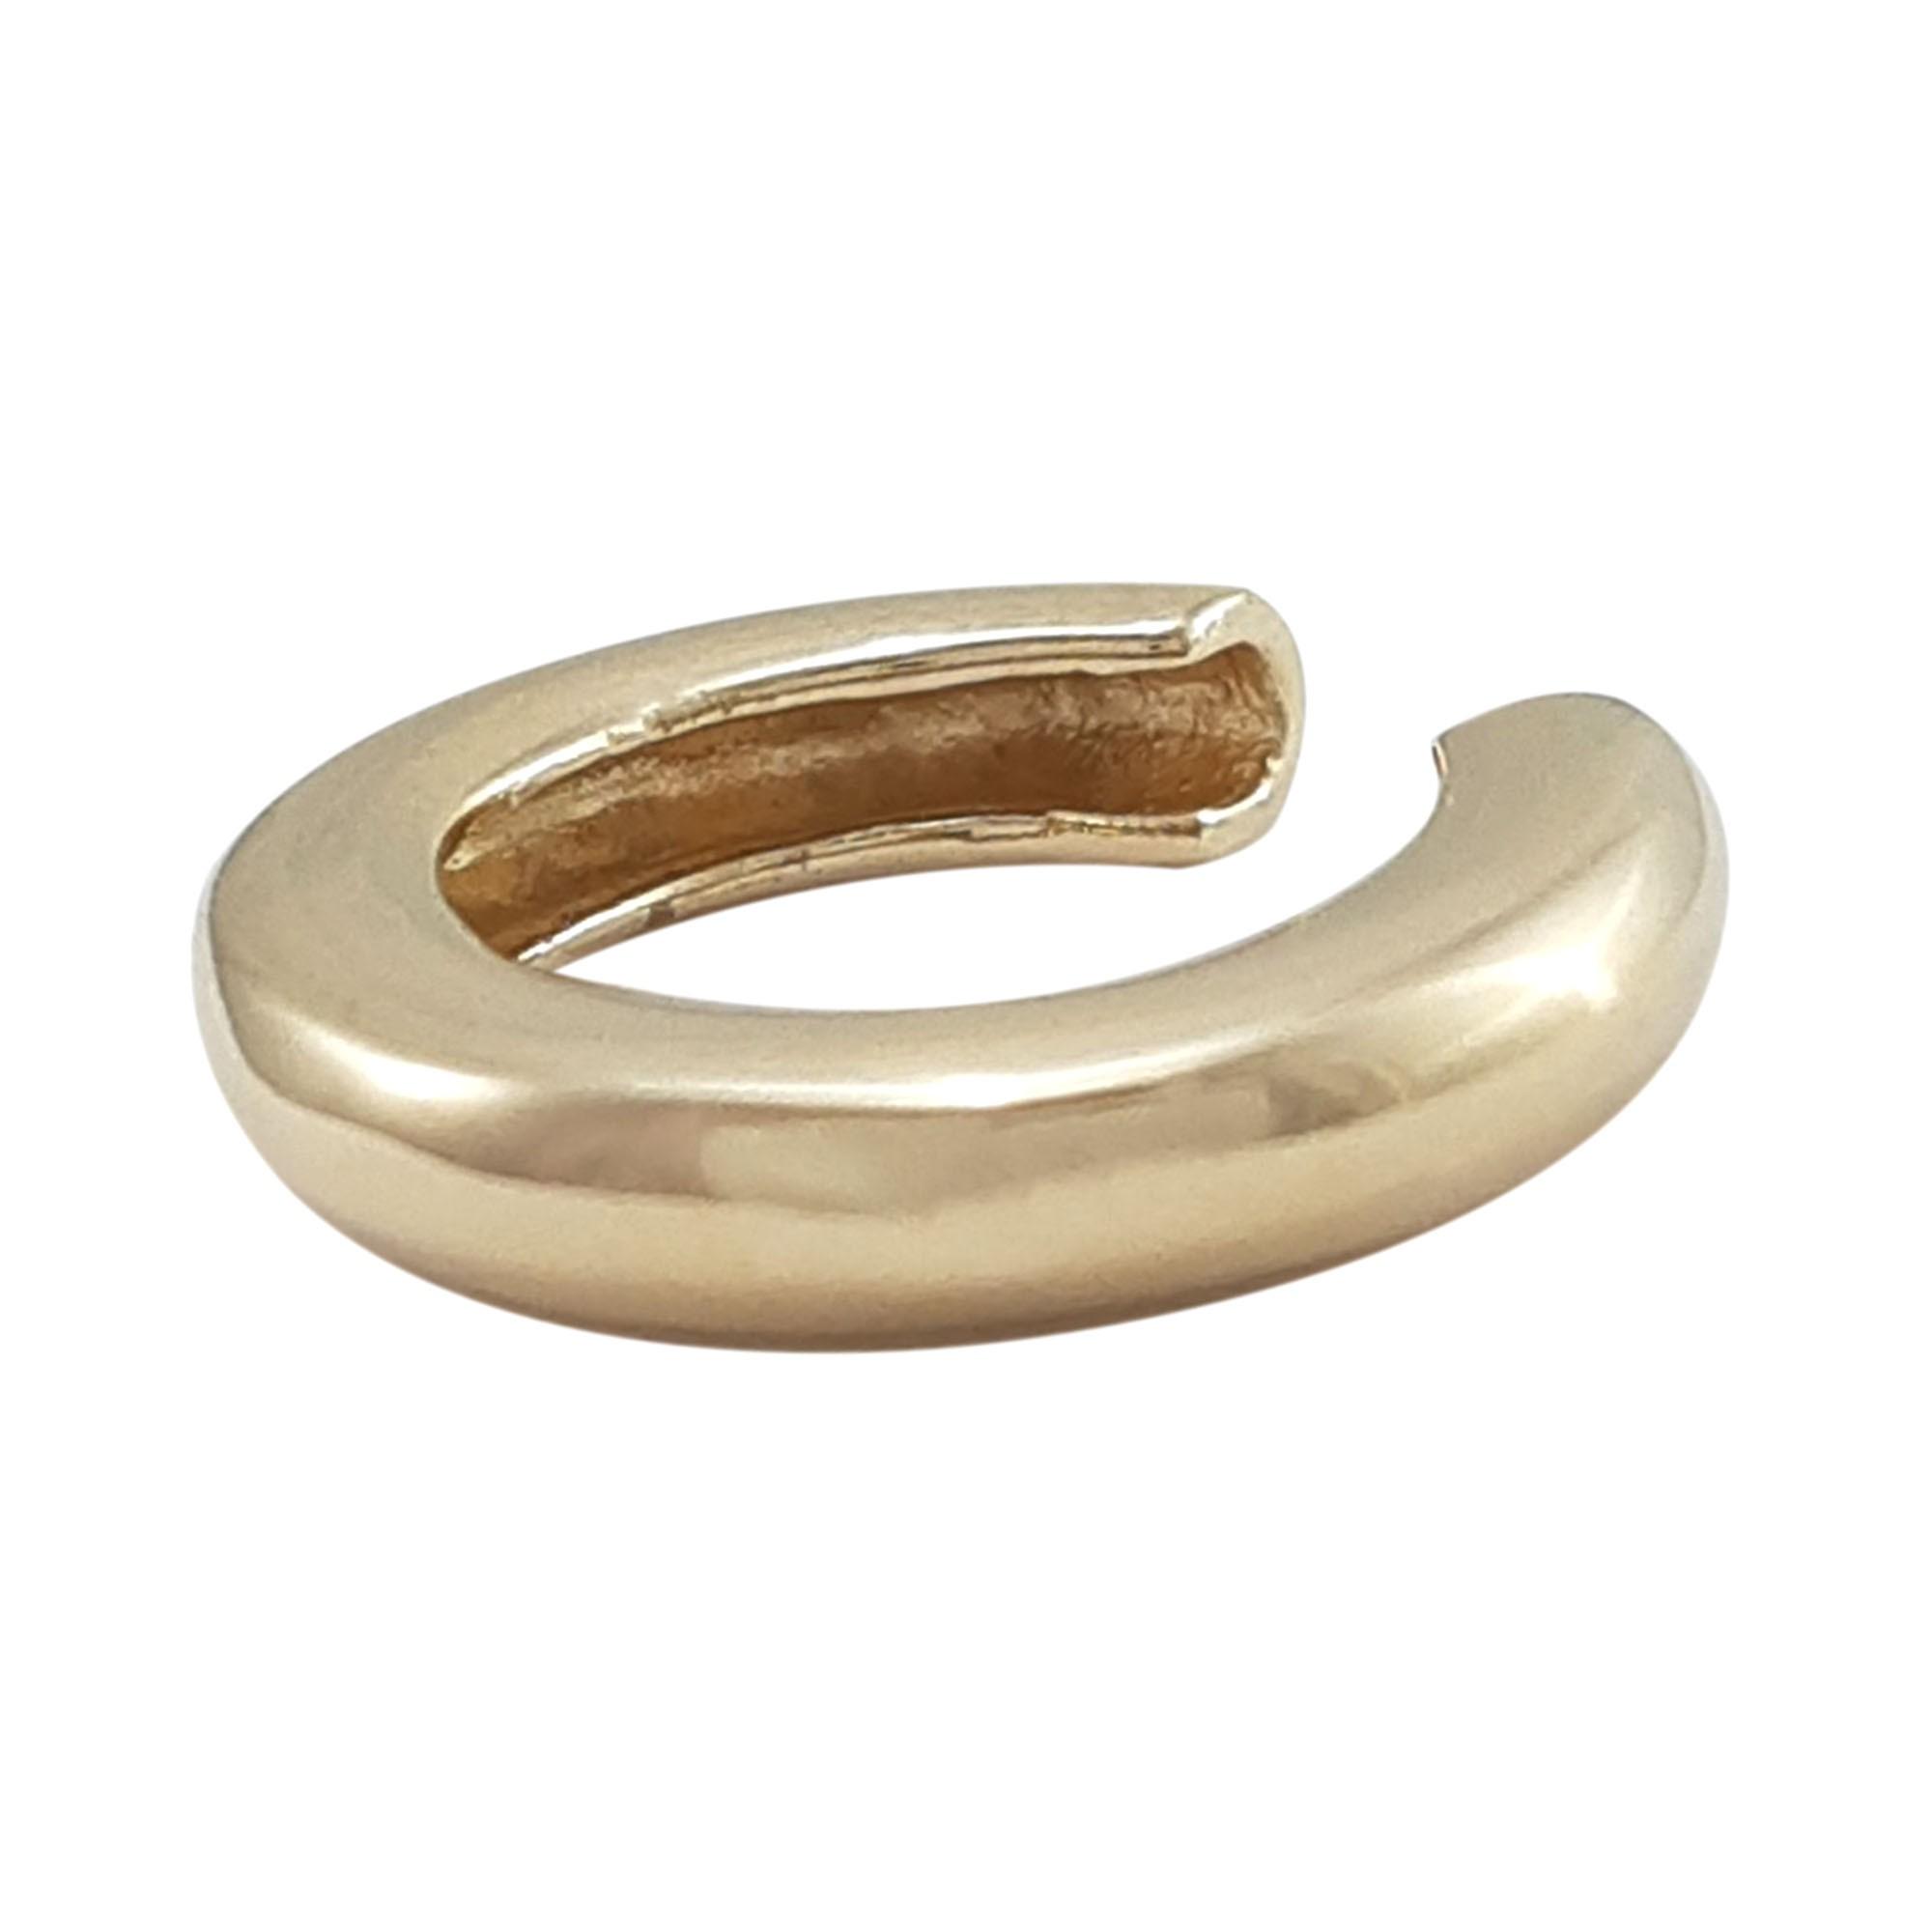 Piercing fake indiano polido banhado a ouro 18k e ródio branco